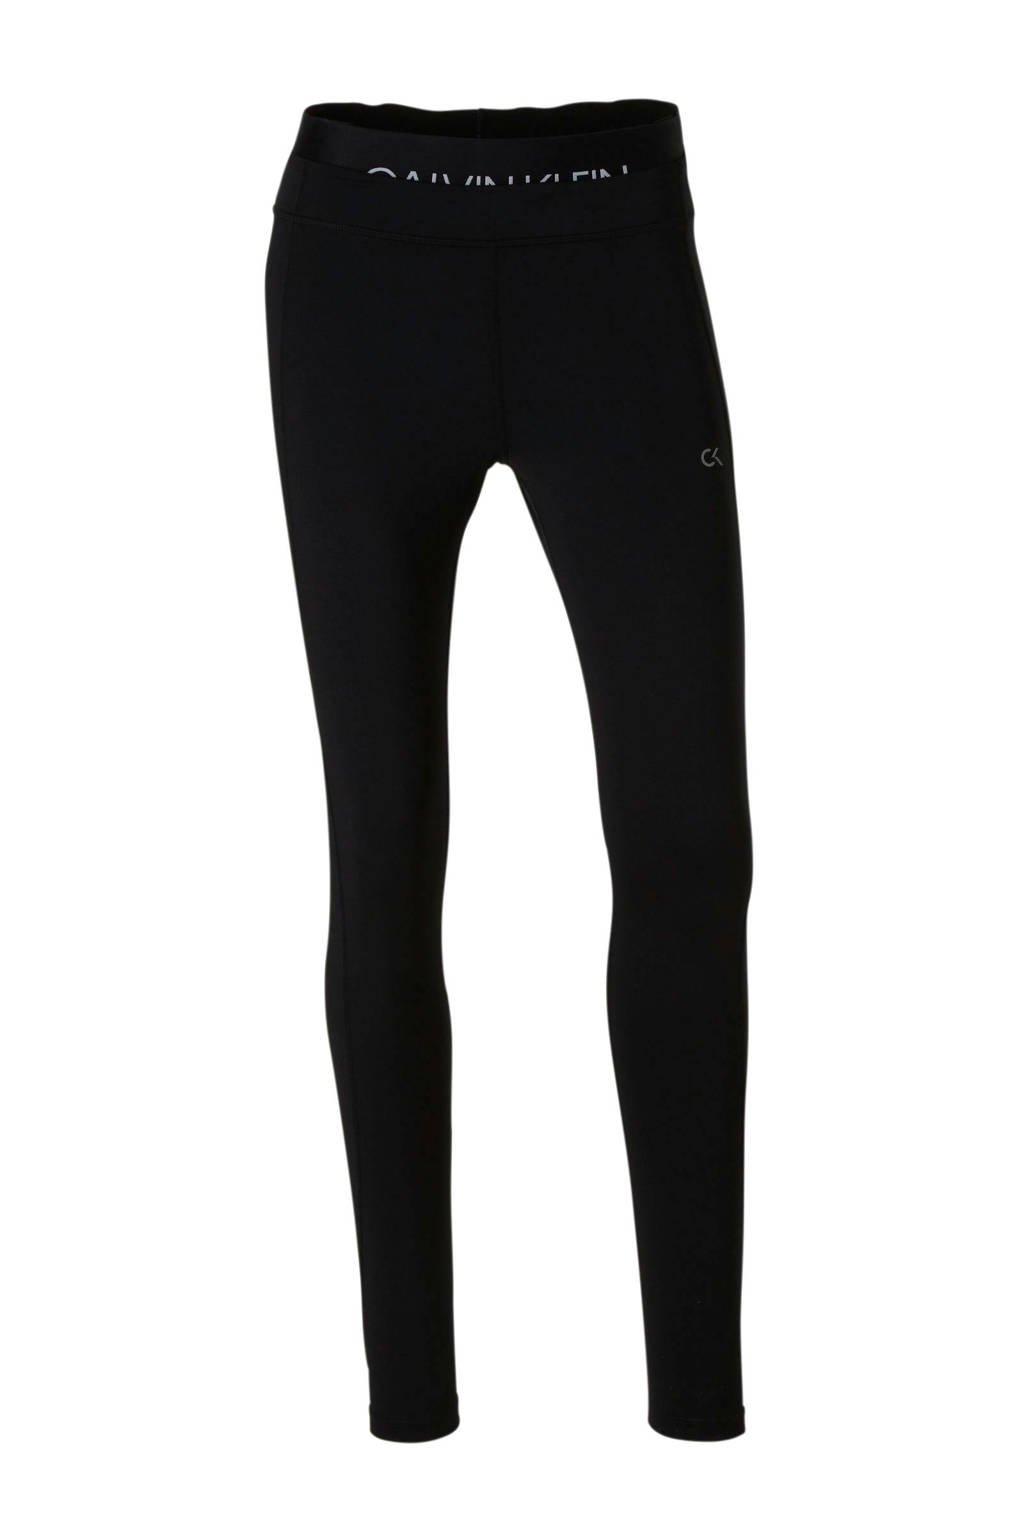 Calvin Klein sportbroek met tekst zwart, Zwart